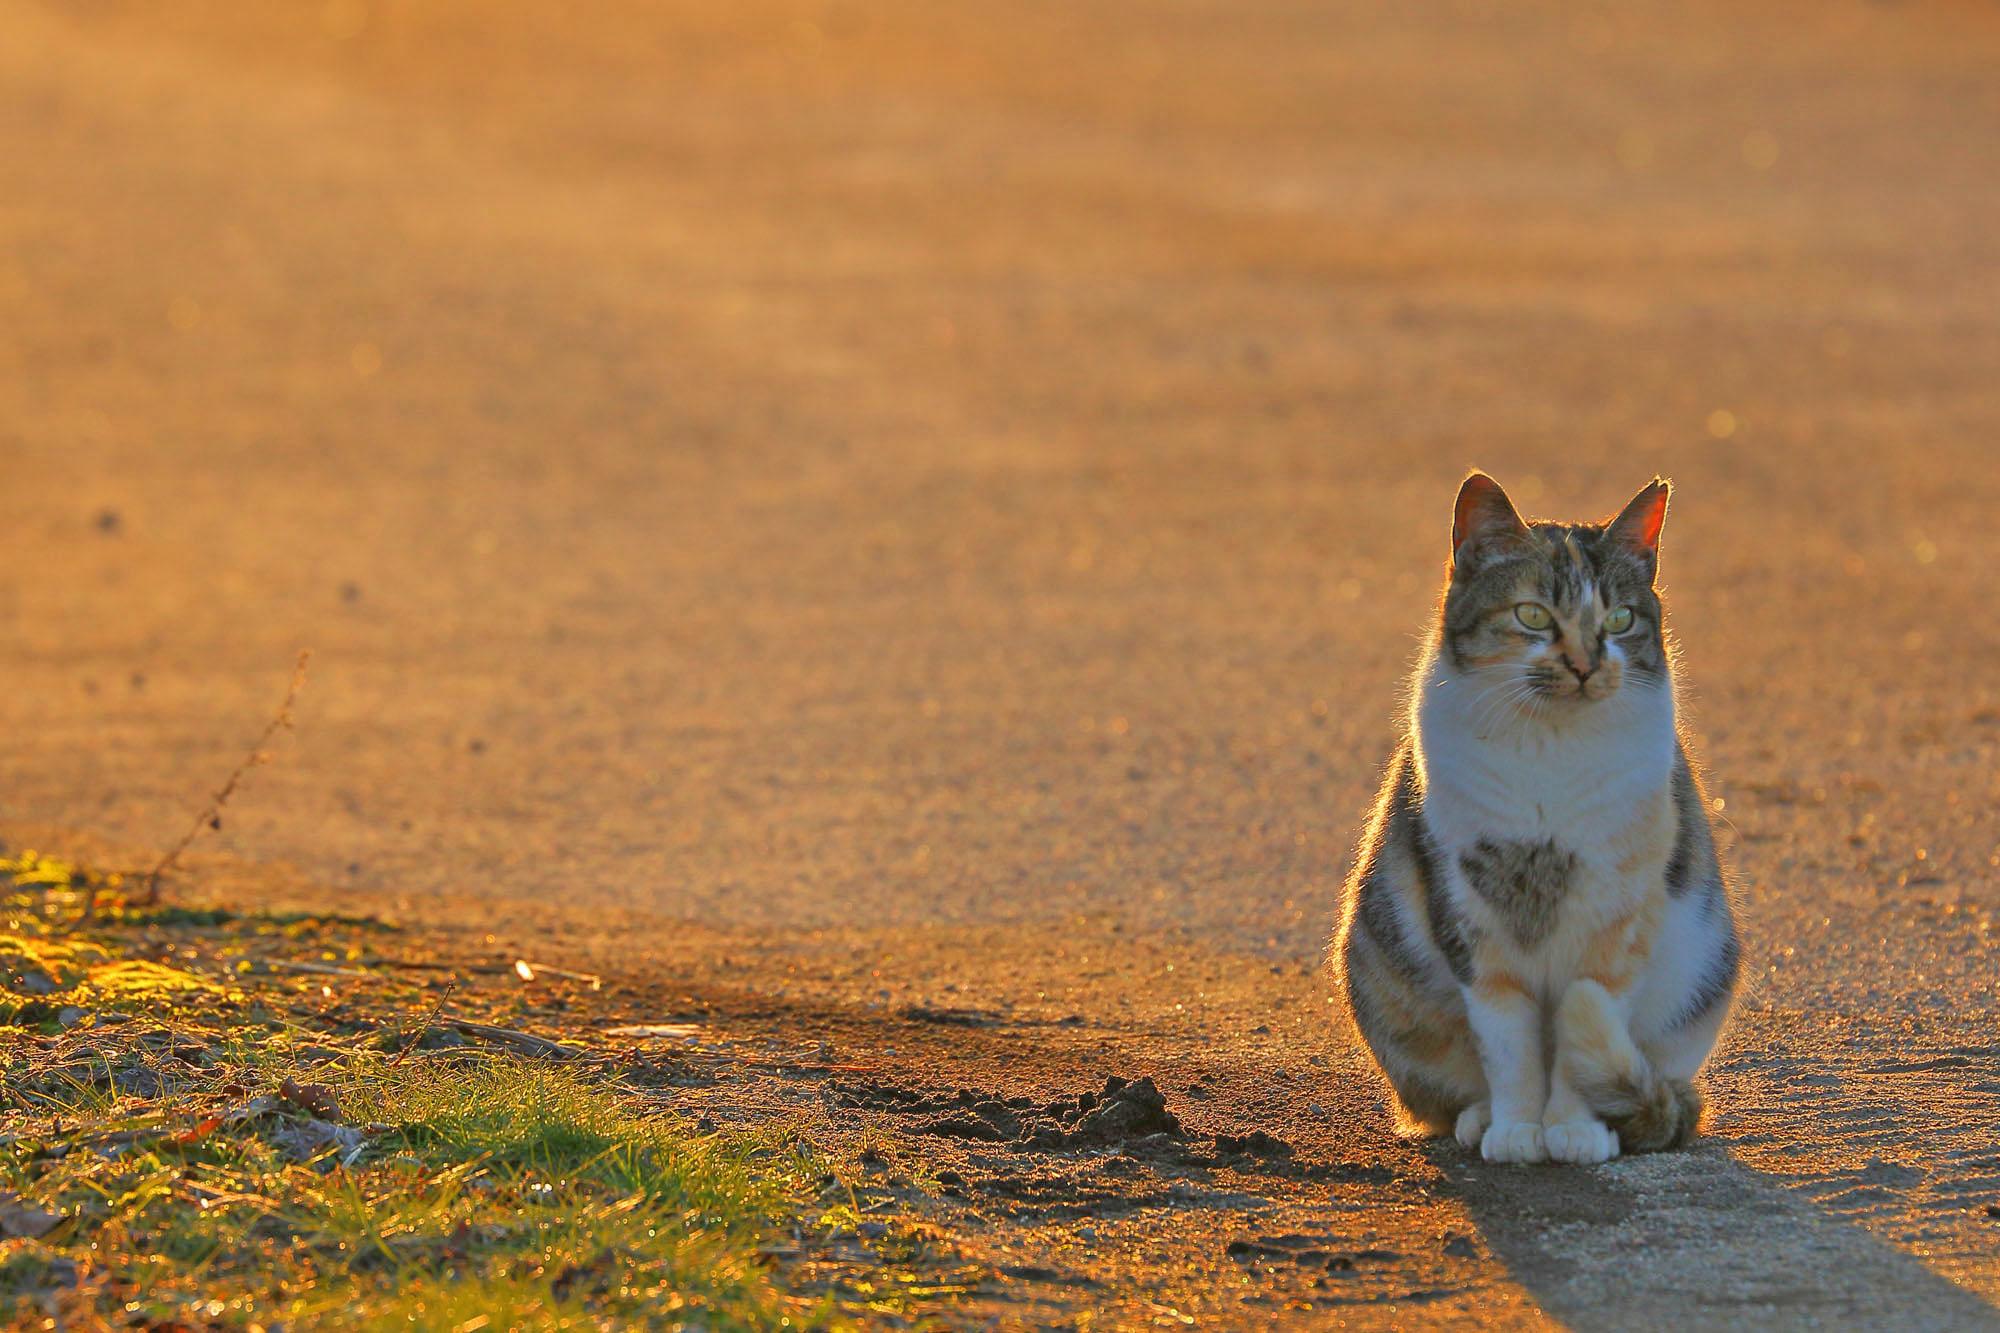 夕方、撮り鉄中にやってきた猫ちゃん♪